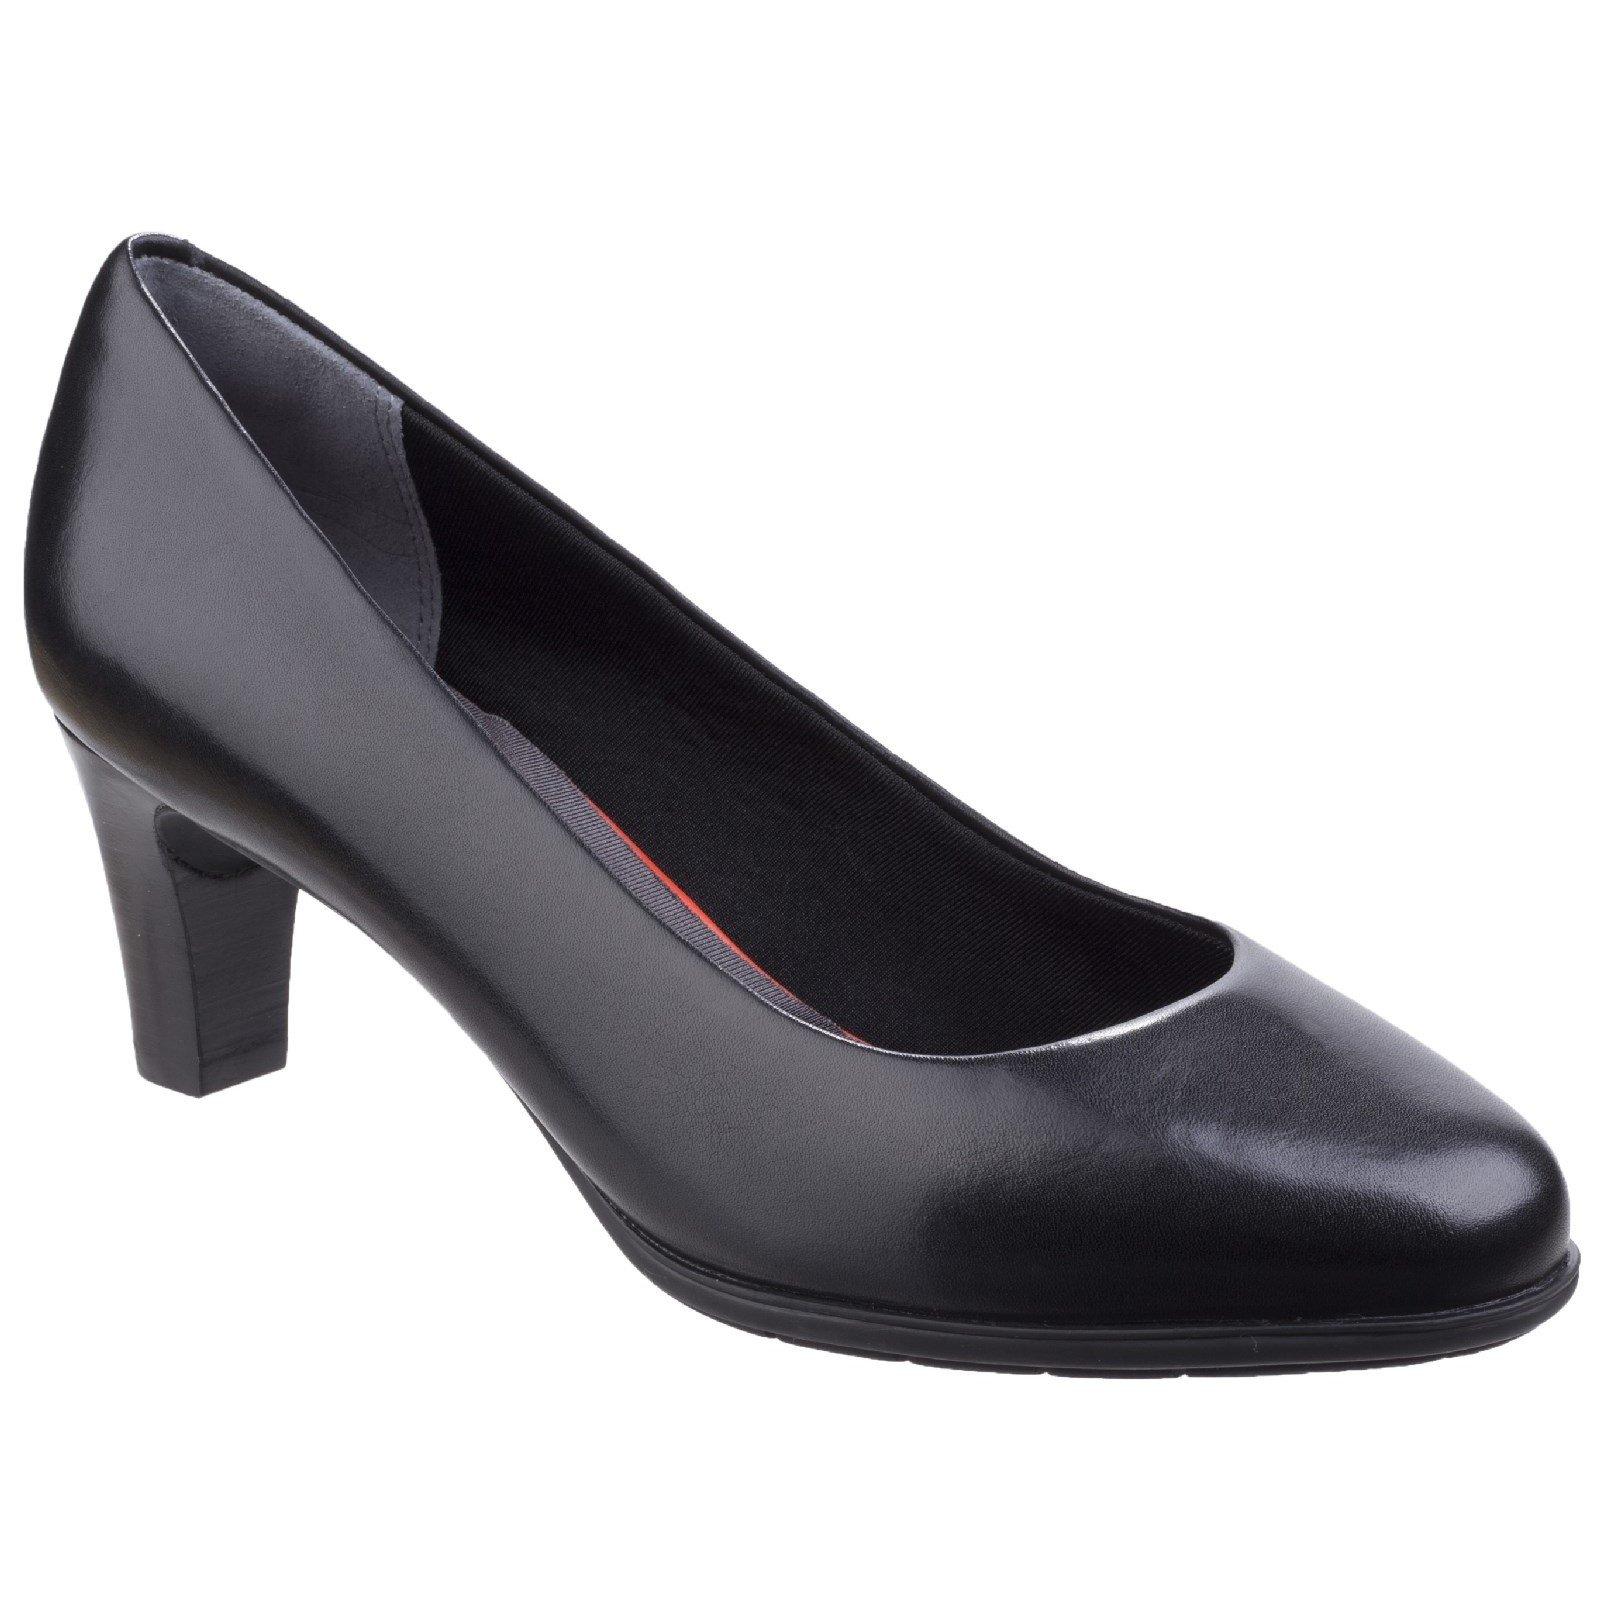 Rockport Women's Melora Plain Pump Shoe Various Colours 26349 - Black Leather 5